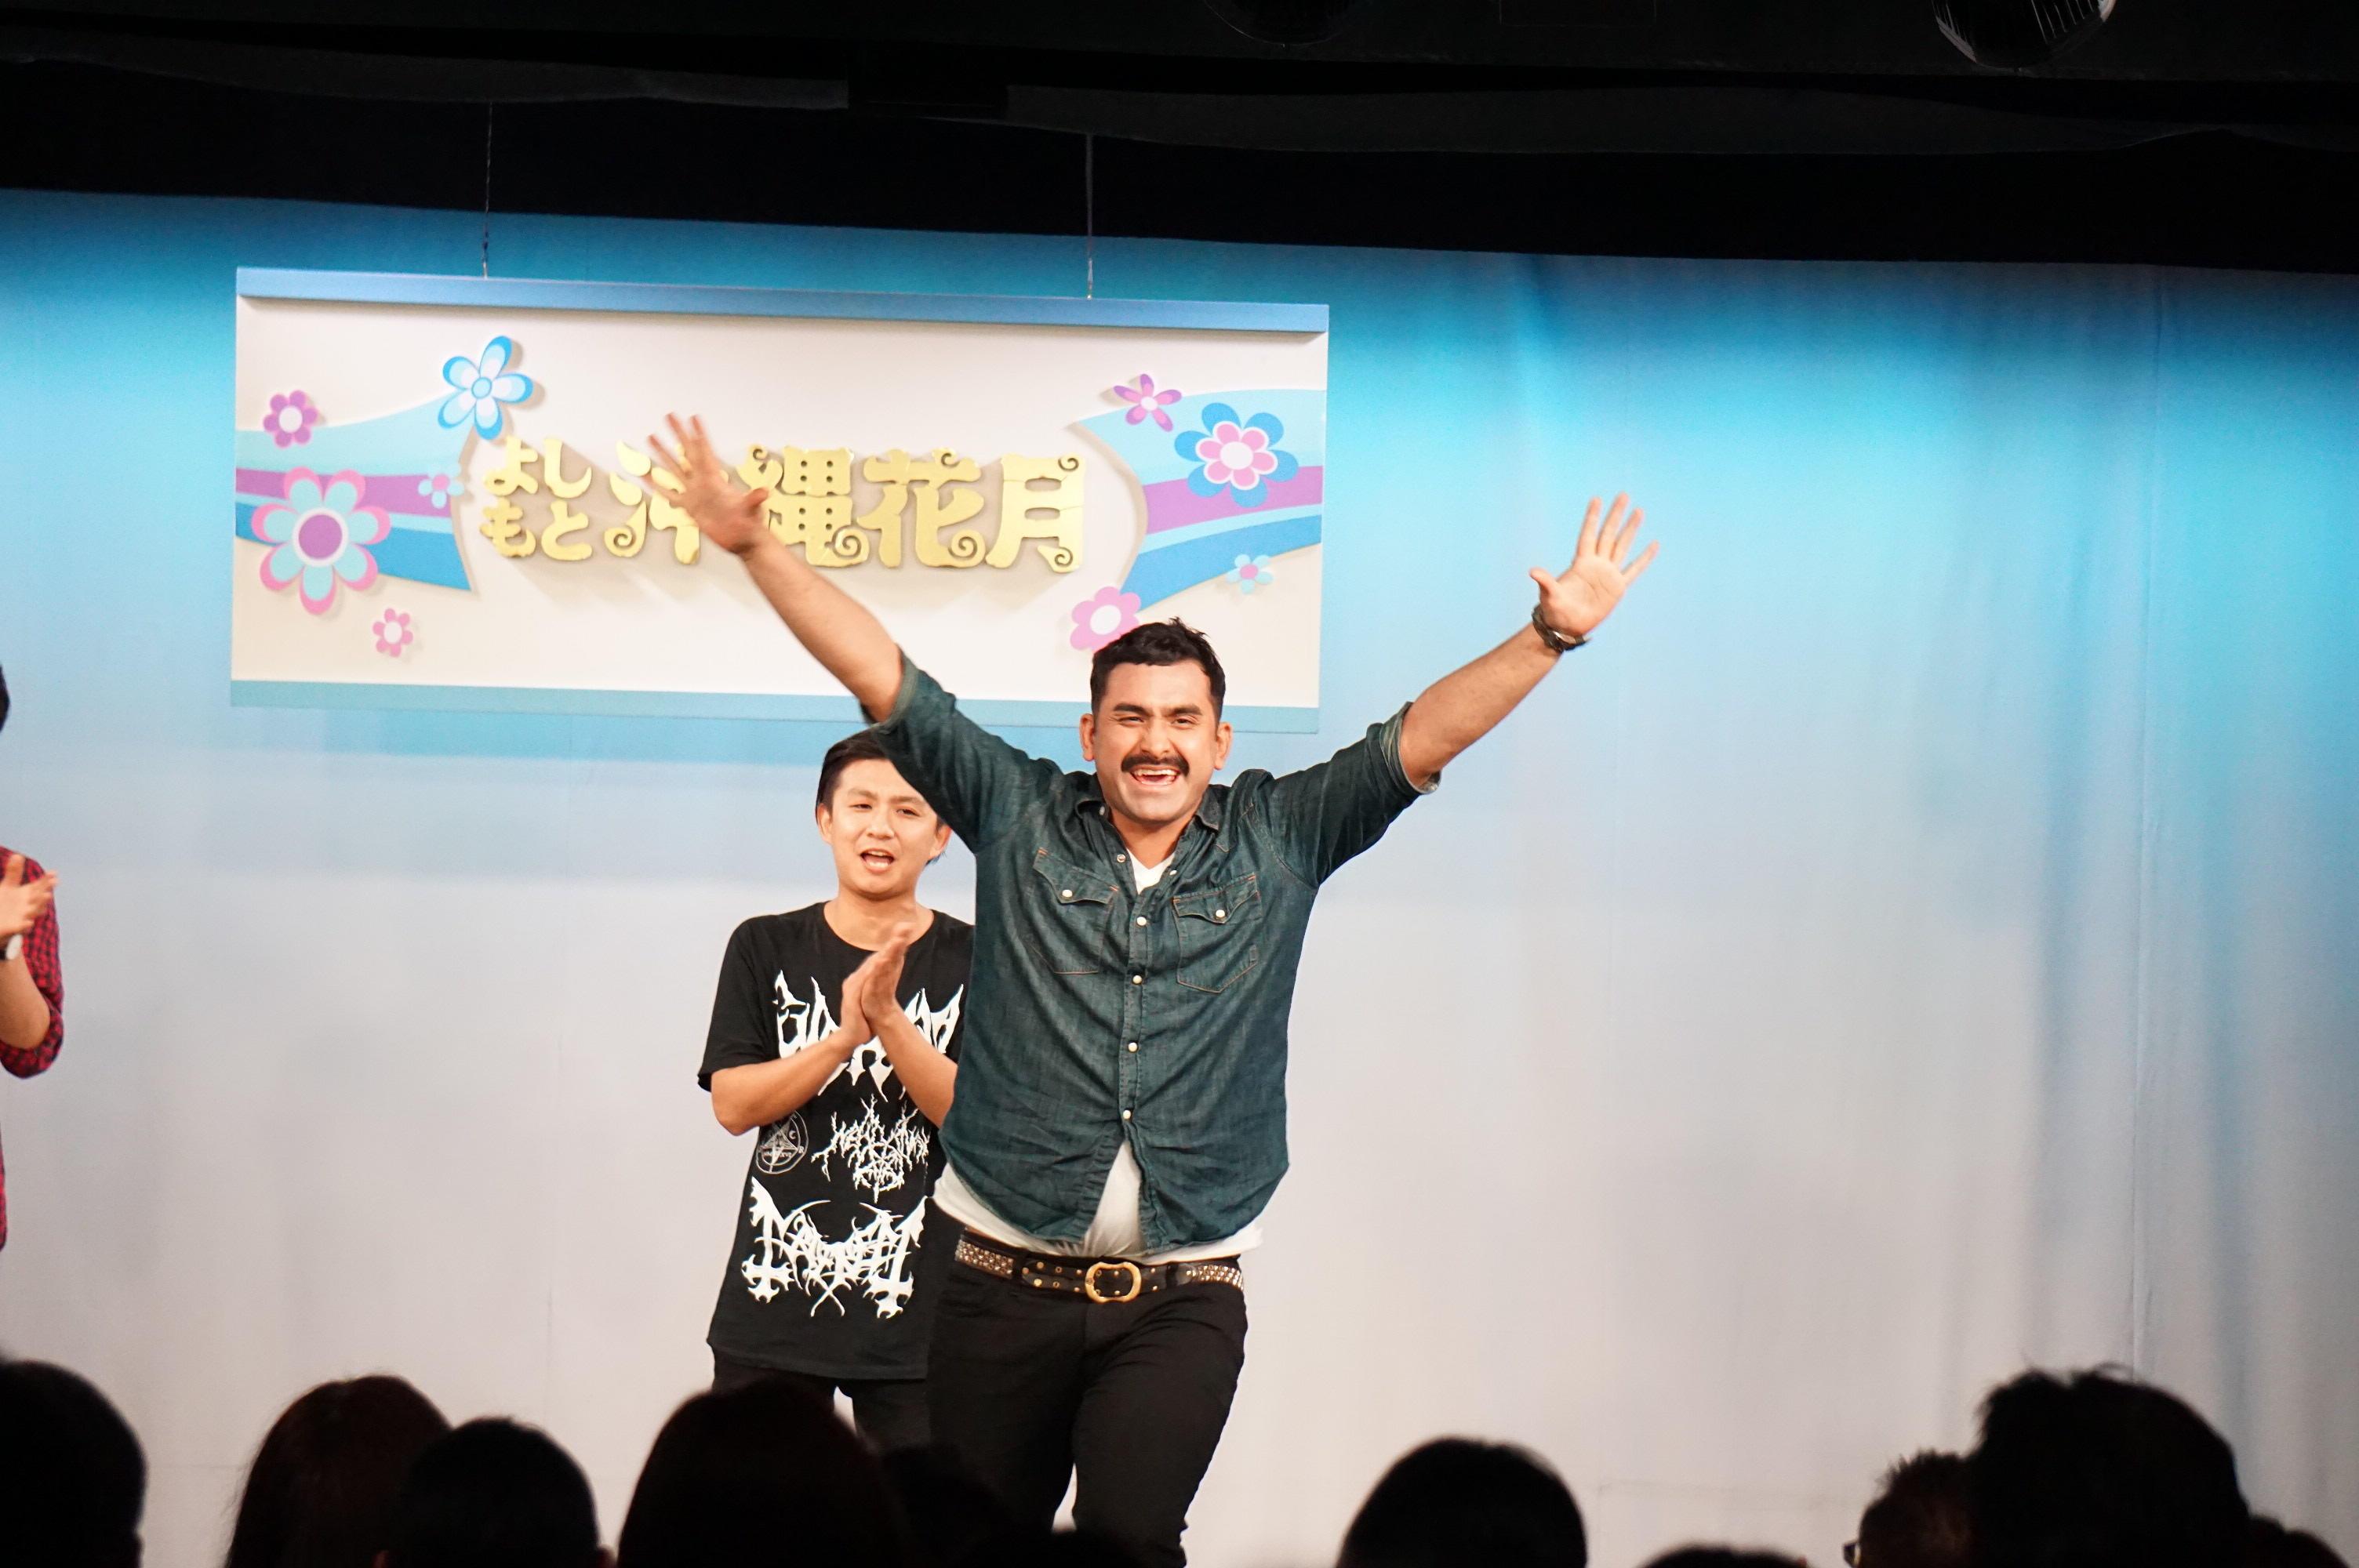 http://news.yoshimoto.co.jp/20151231202613-0e19a9eab62ce5da16d3ee6162941712d51098a9.jpg